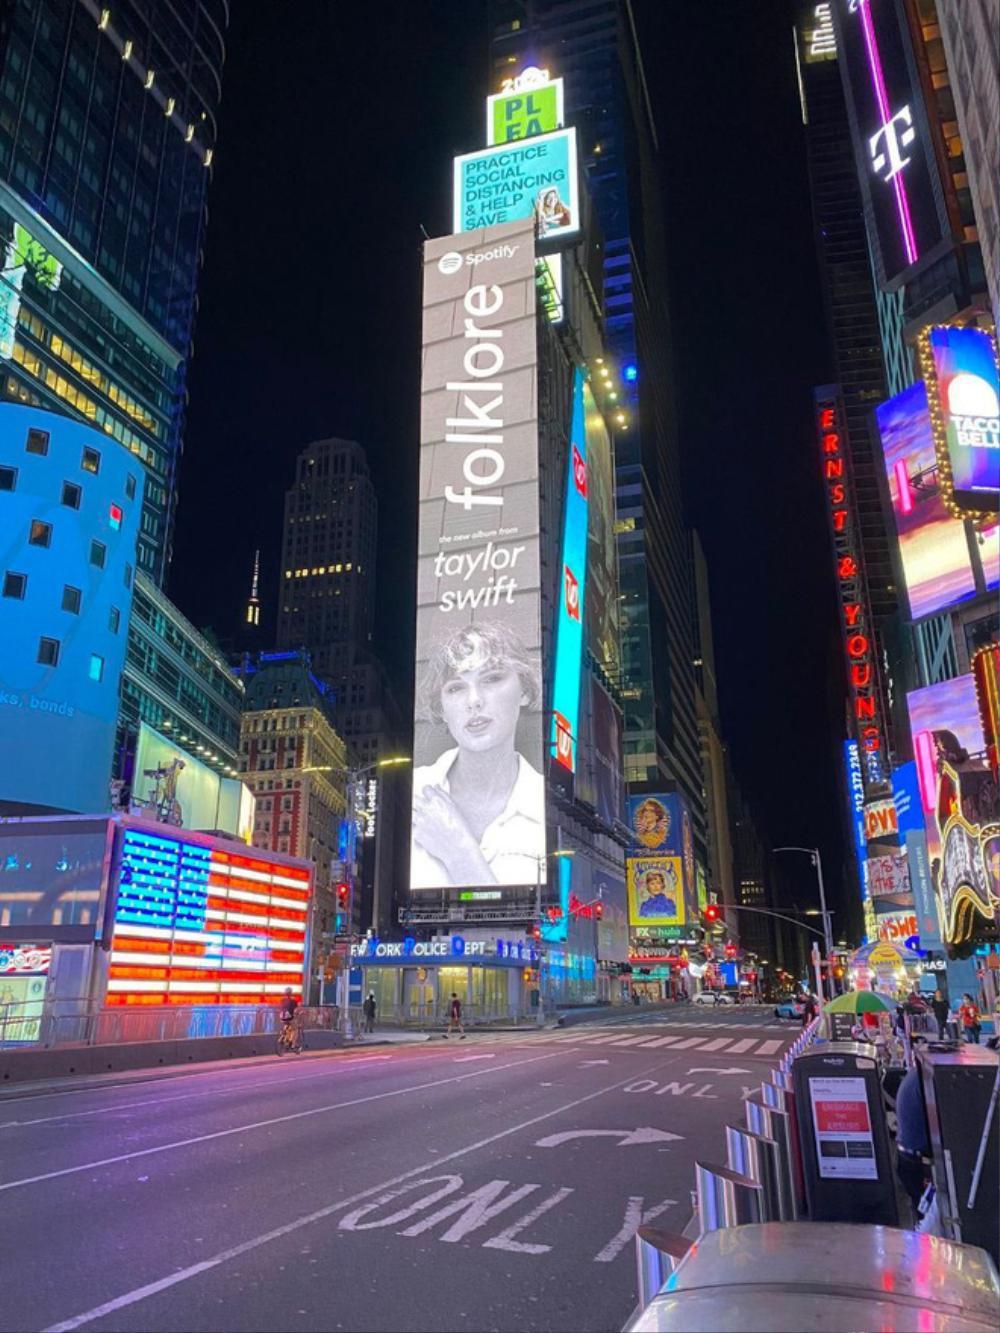 Bích Phương khiến fan tự hào khi xuất hiện trên biển quảng cáo tại Quảng trường Thời đại danh giá Ảnh 6